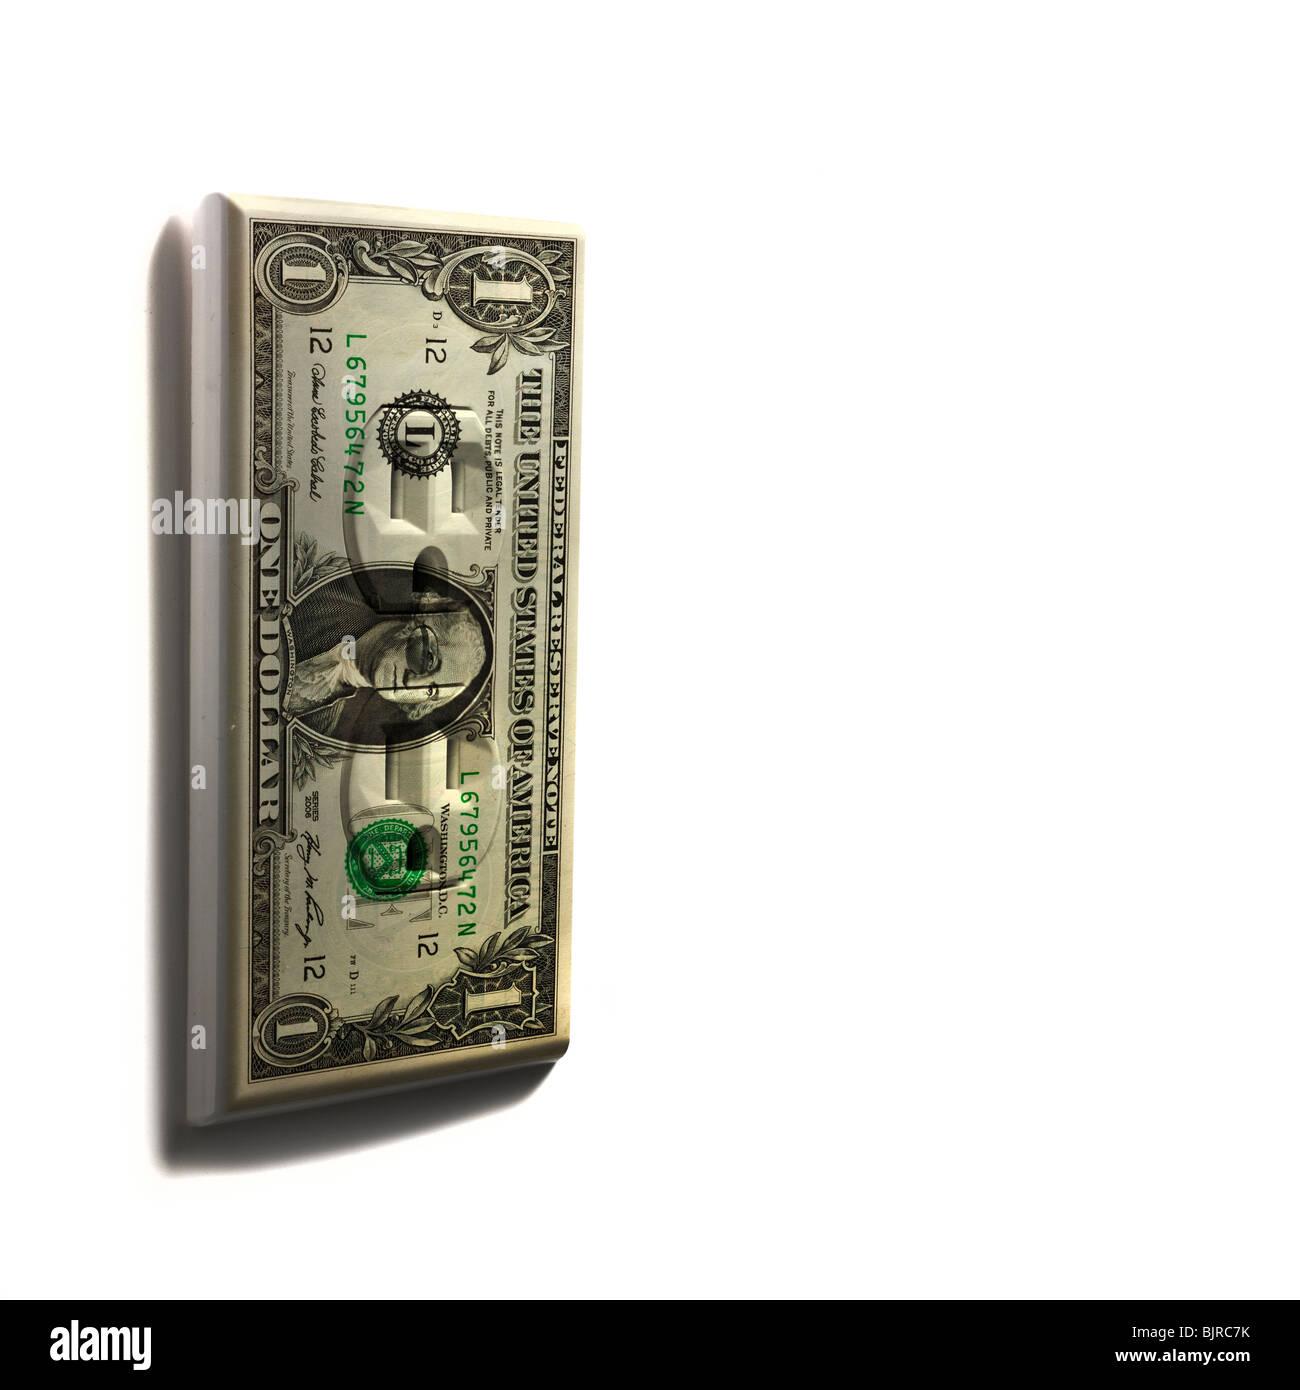 Generati digitalmente un dollaro Immagini Stock